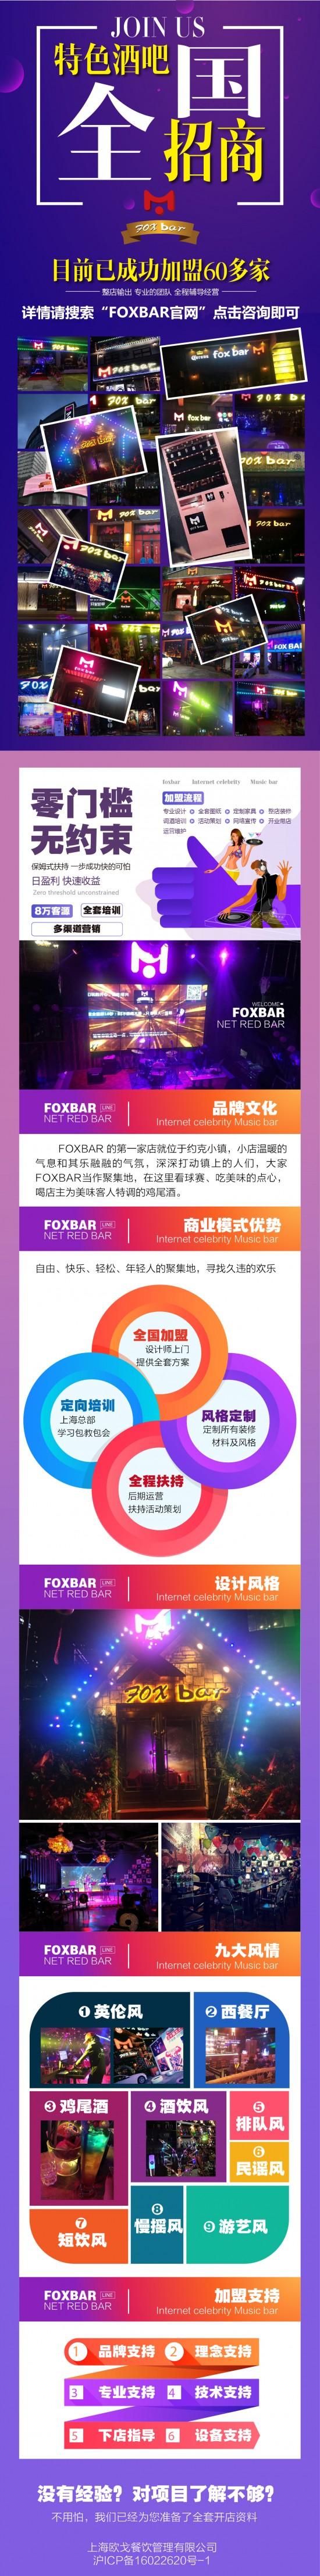 清吧加盟foxbar连锁品牌